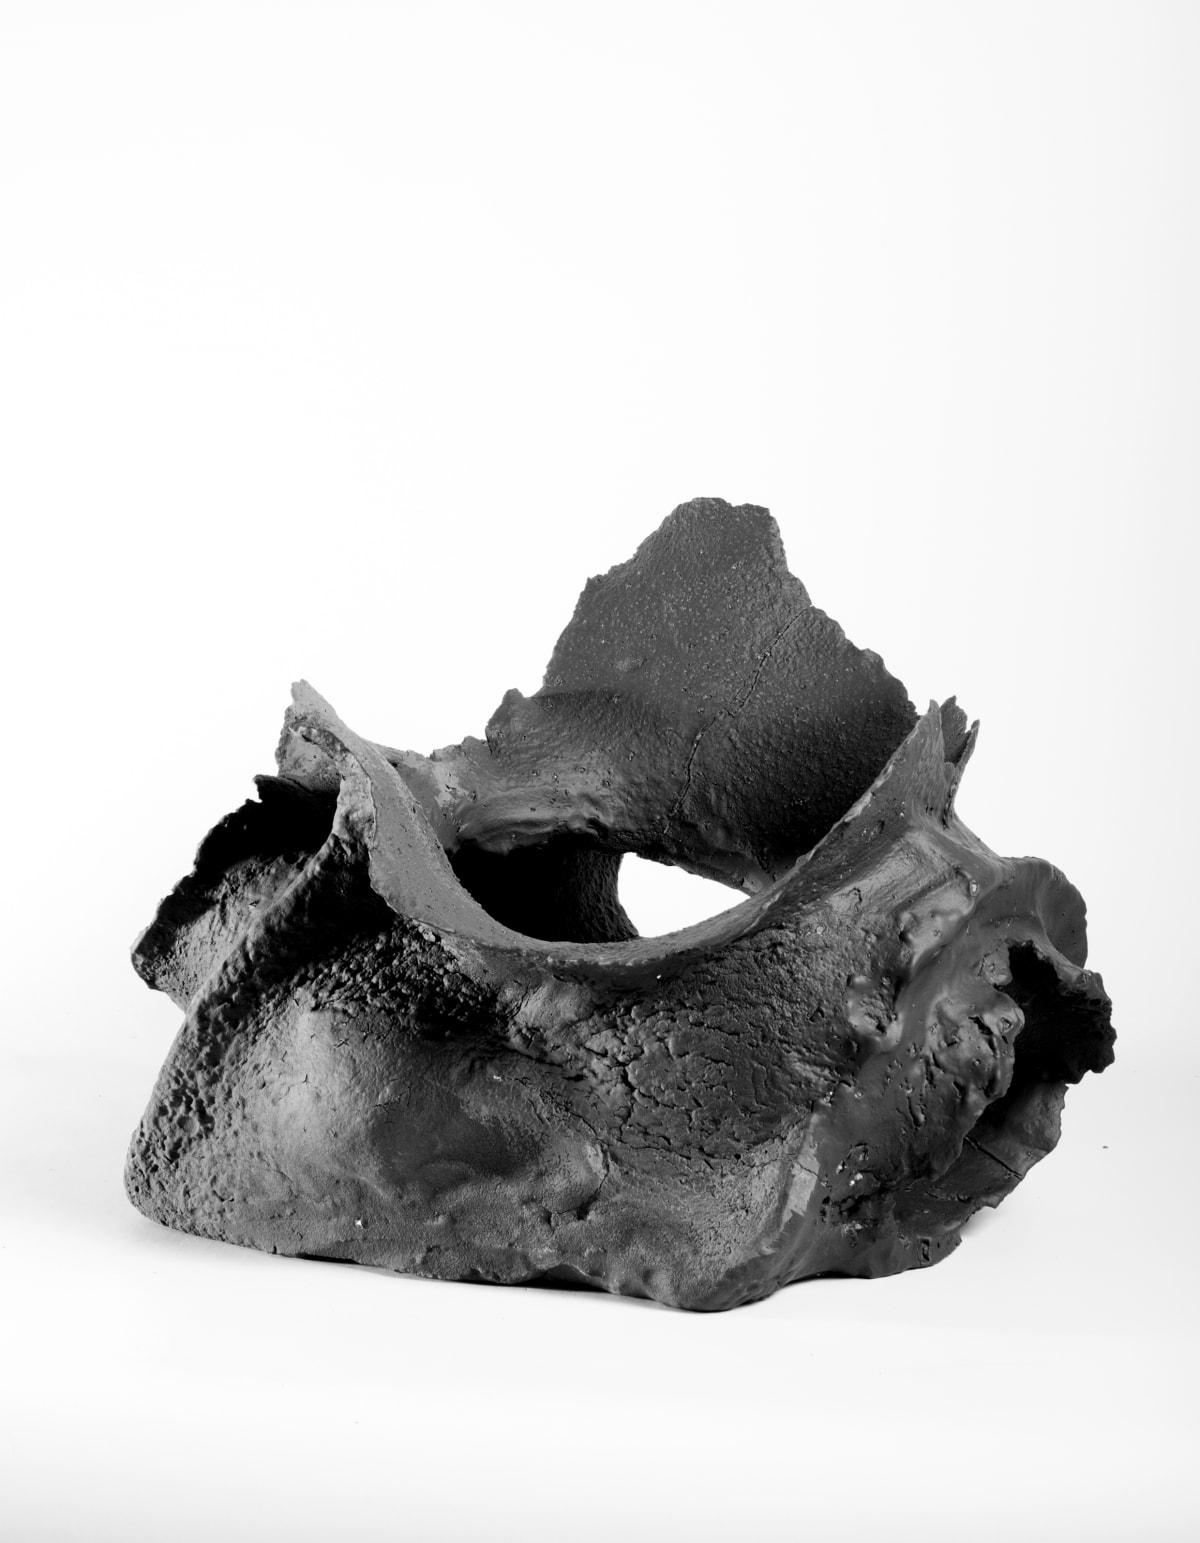 Attilio Quintili N01 Senza Titolo, 2013 Ceramic 42 x 37 x 29 cm 16.54 x 14.57 x 11.42 in